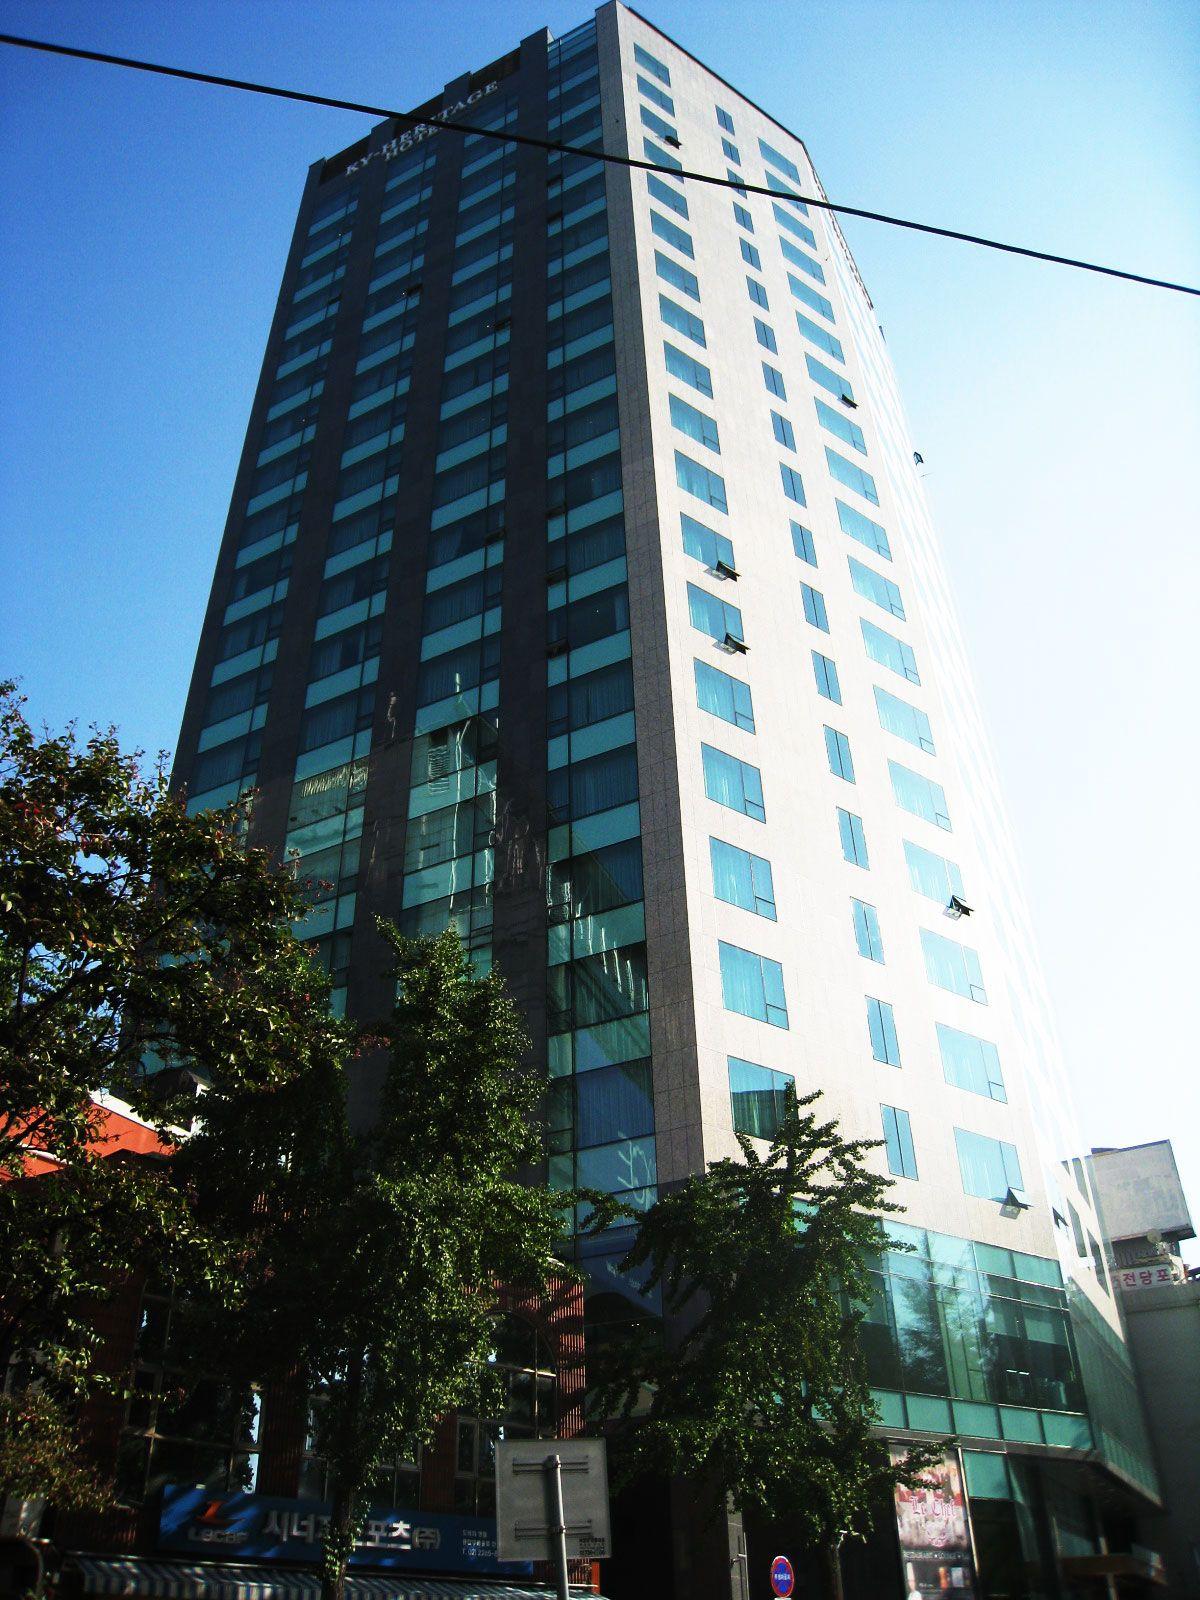 ソウルの便利すぎるホテル「KYヘリテージホテル東大門」に宿泊してソウルを満喫しよう!